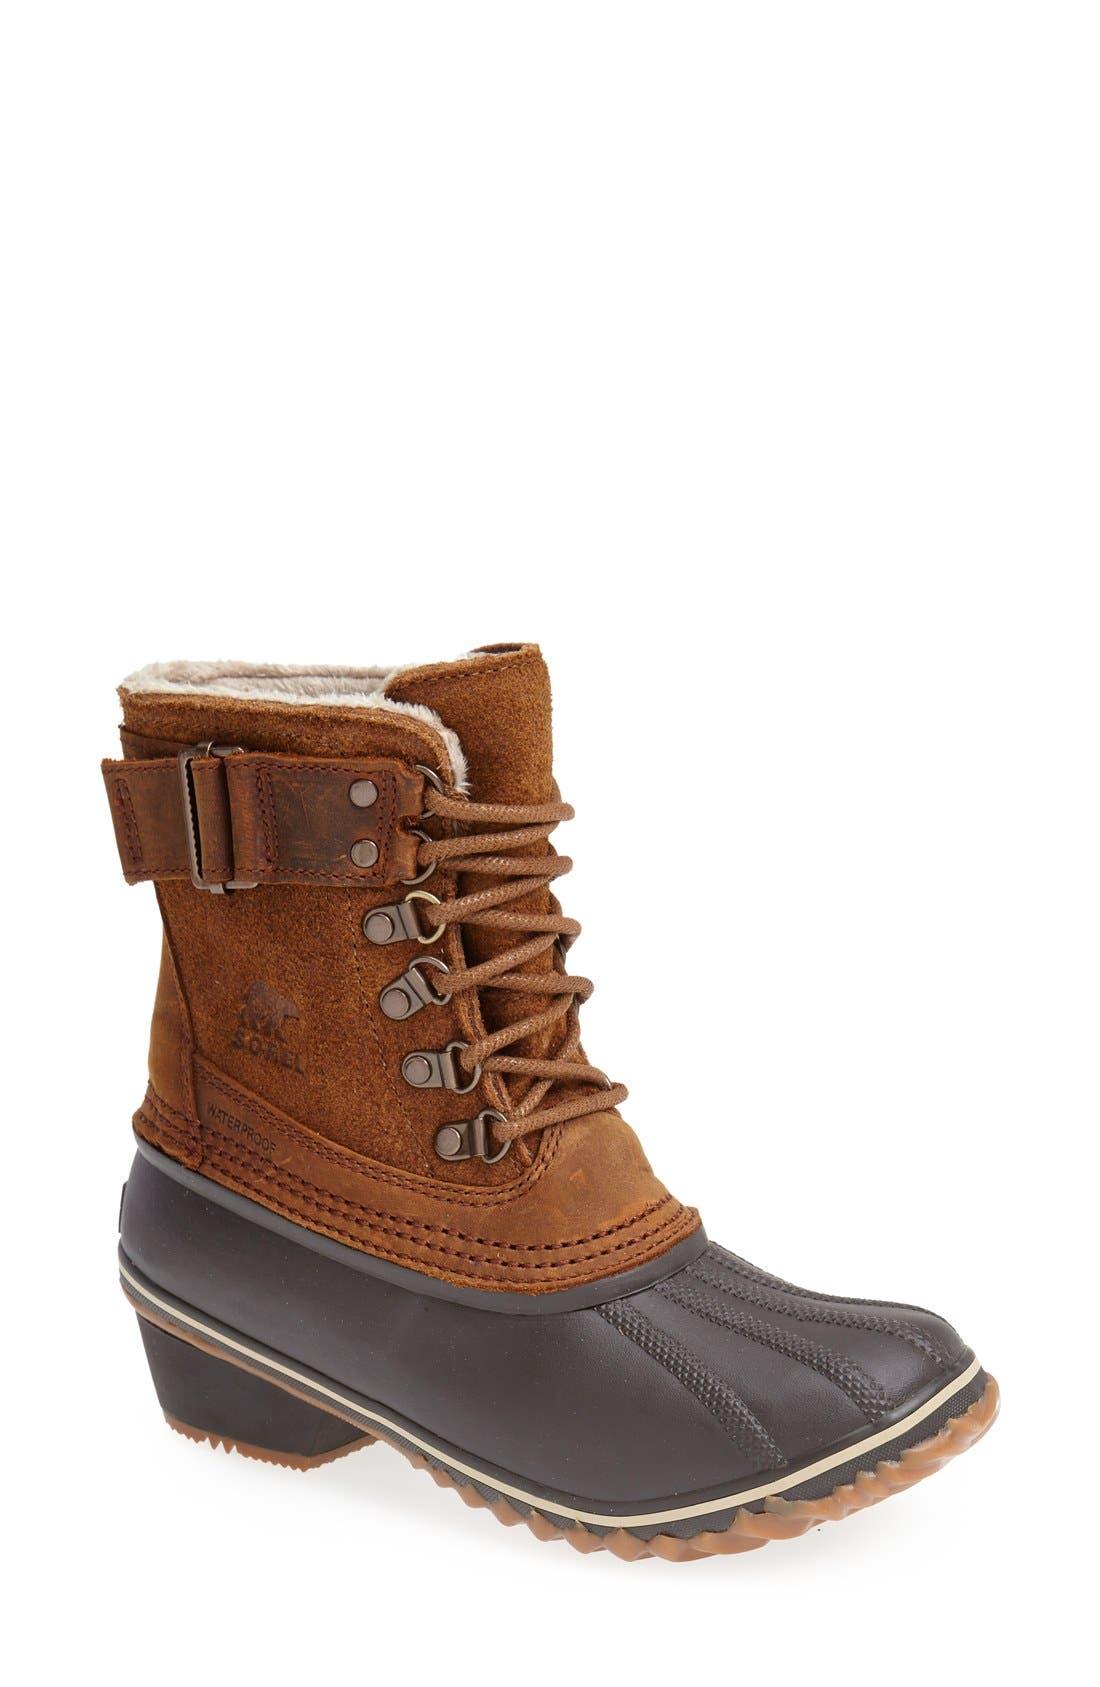 Alternate Image 1 Selected - SOREL 'Winter Fancy II' Waterproof Lace-Up Boot (Women)